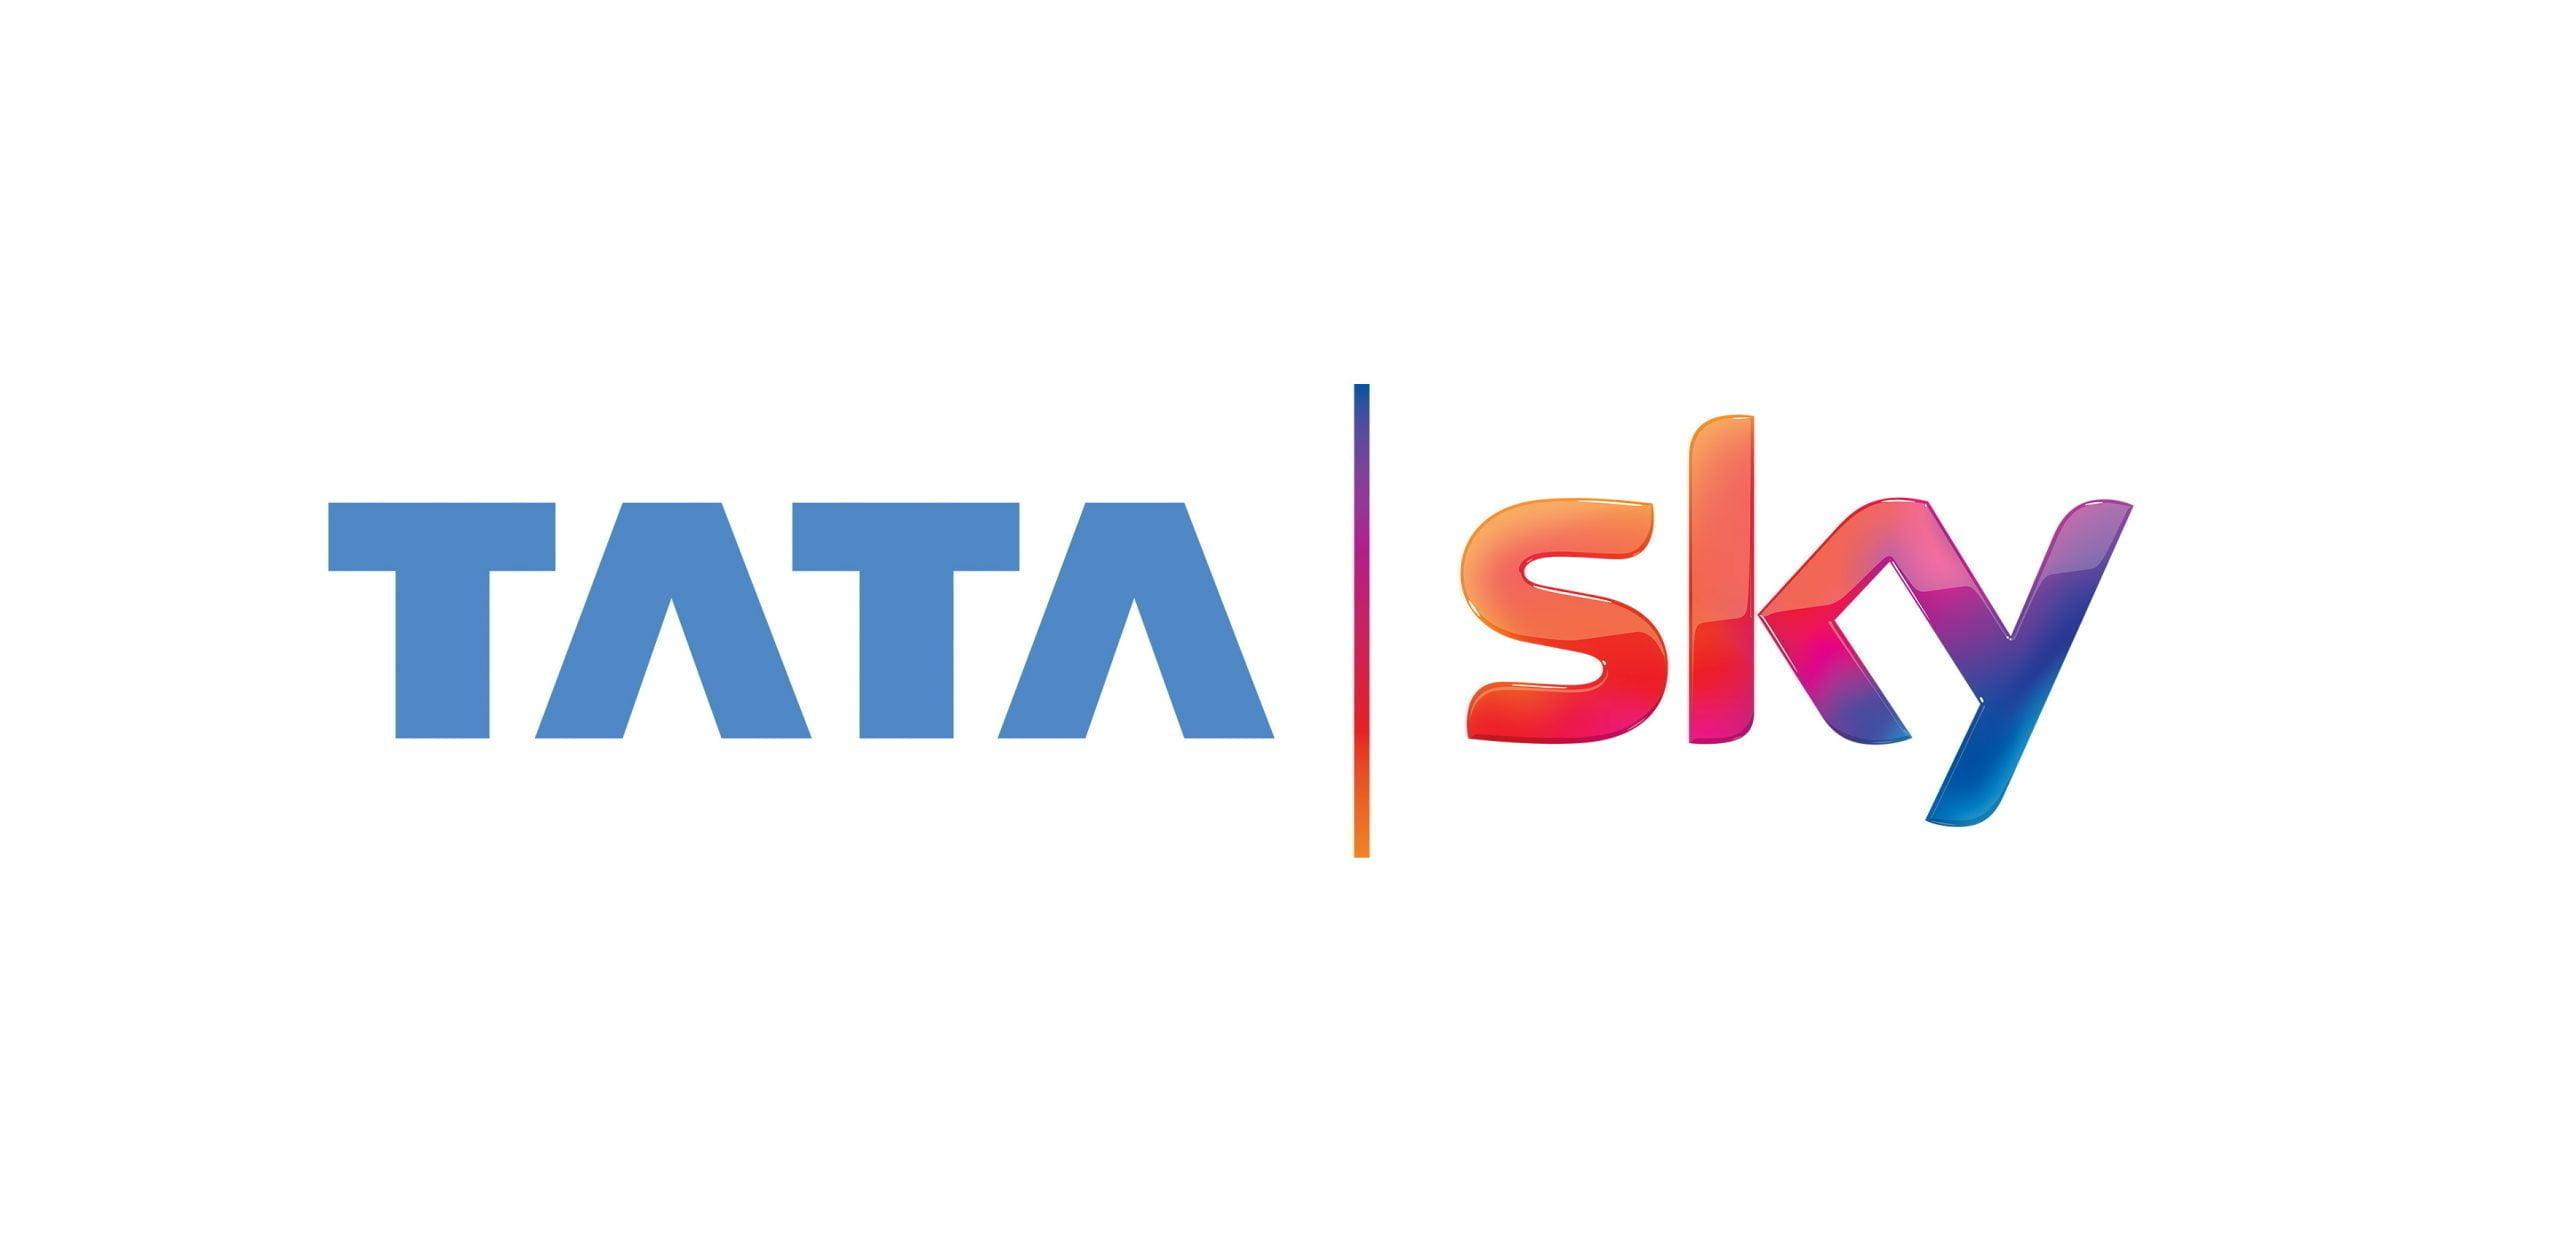 Tata Sky logo scaled